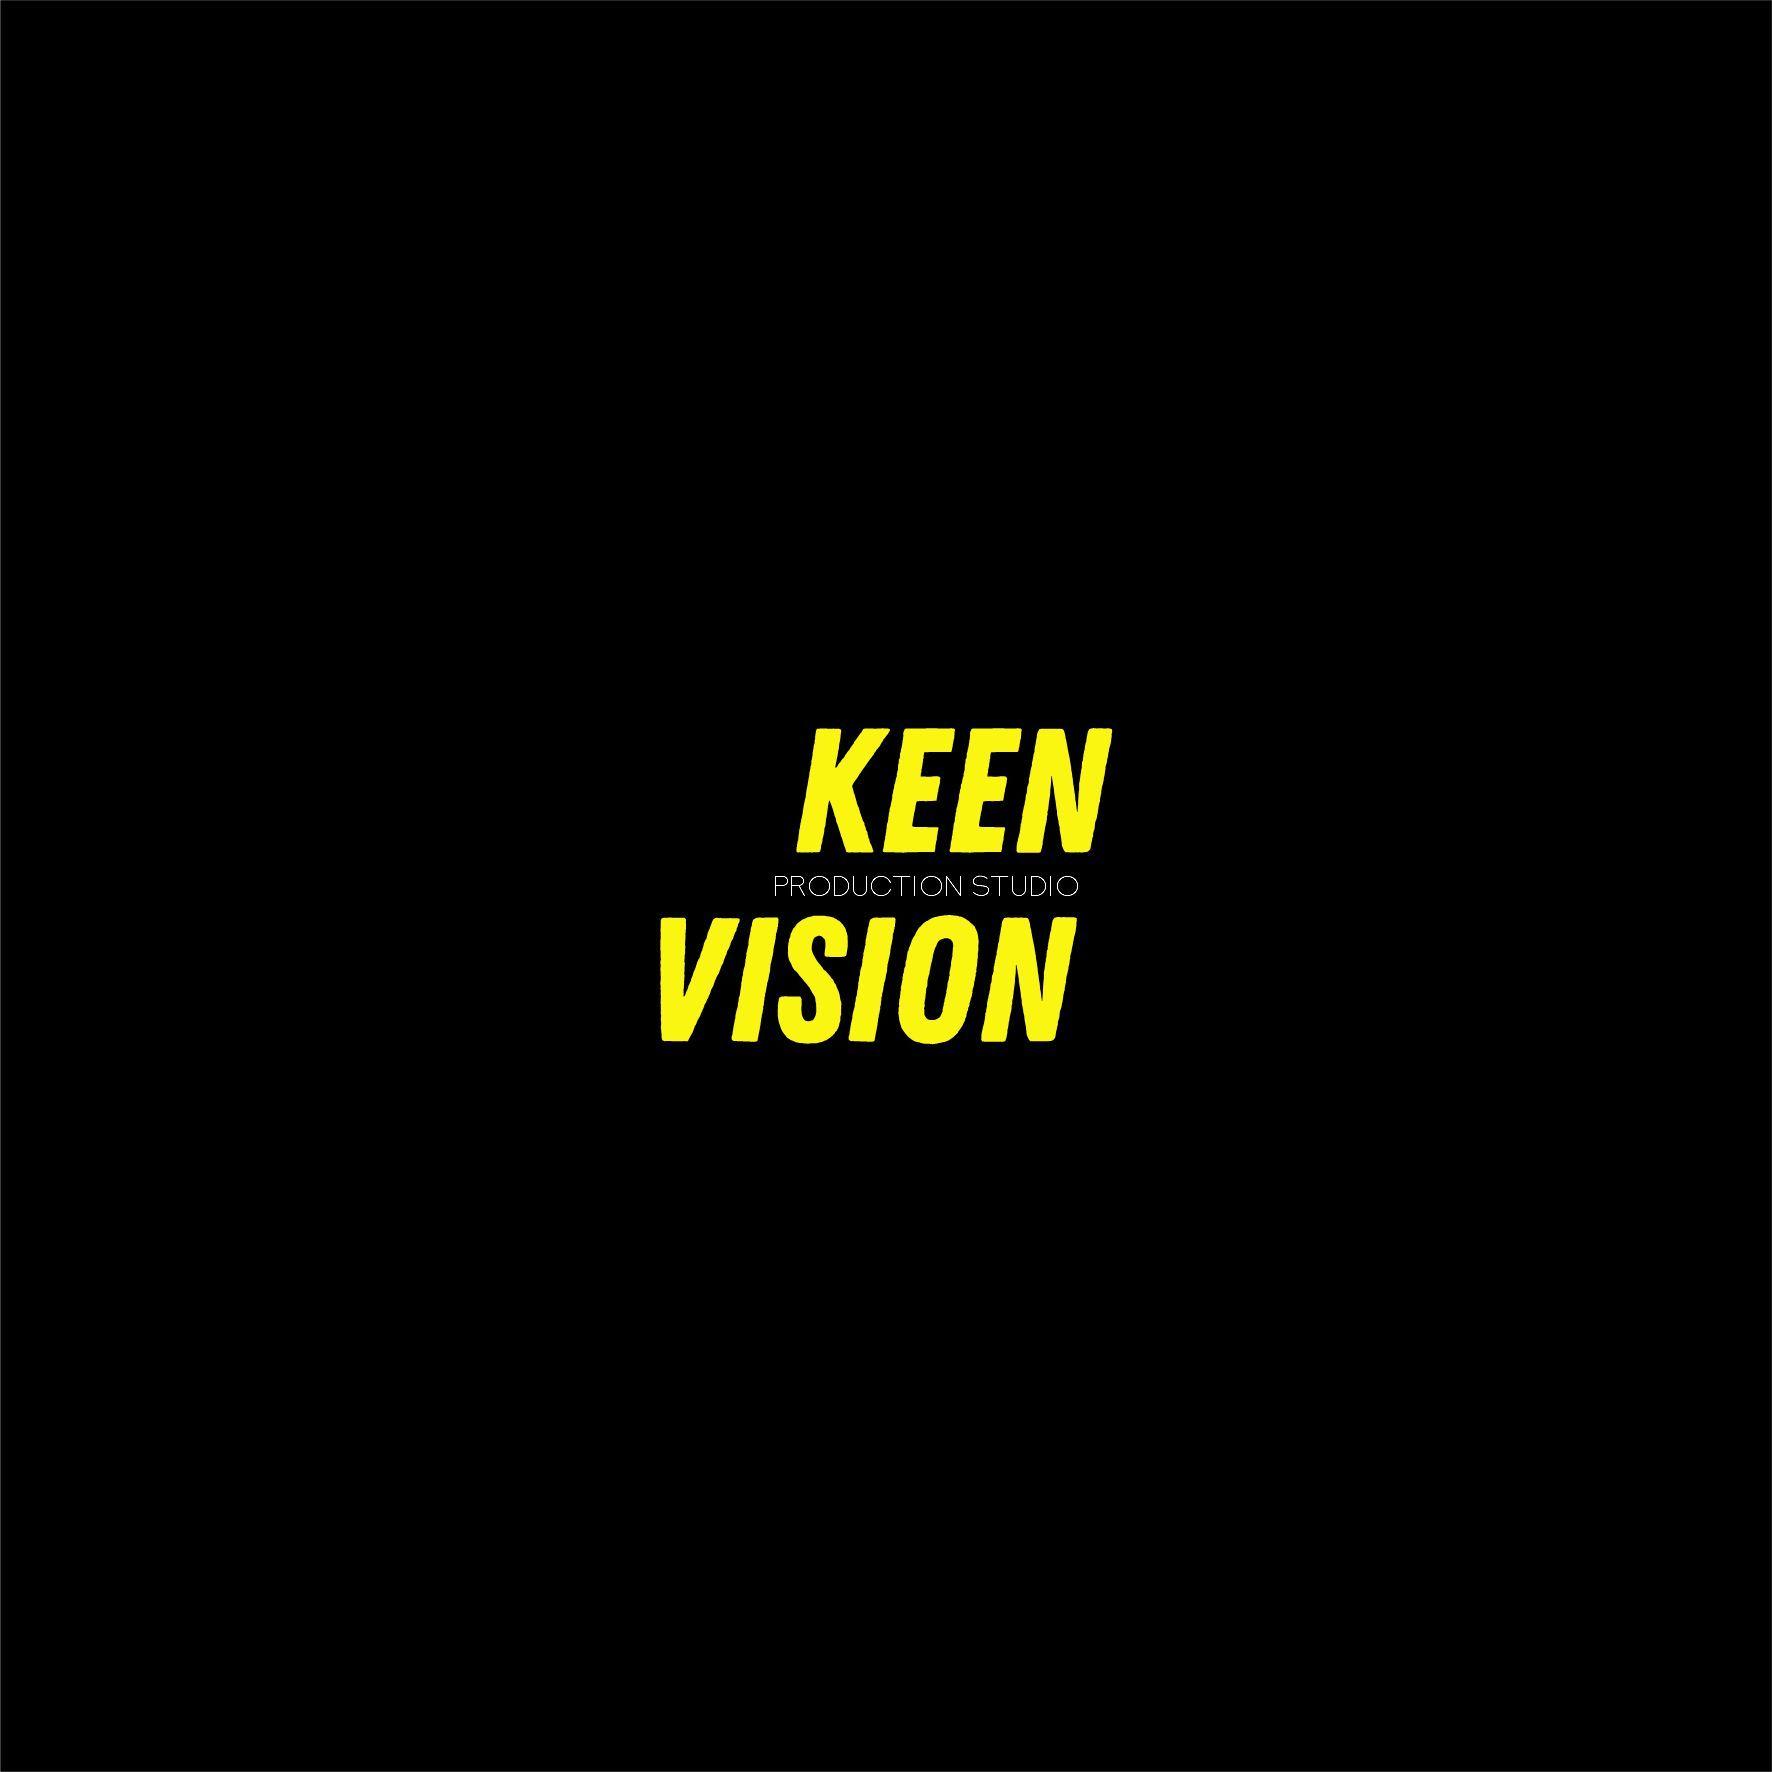 Логотип для KeenVision - дизайнер tatyunm